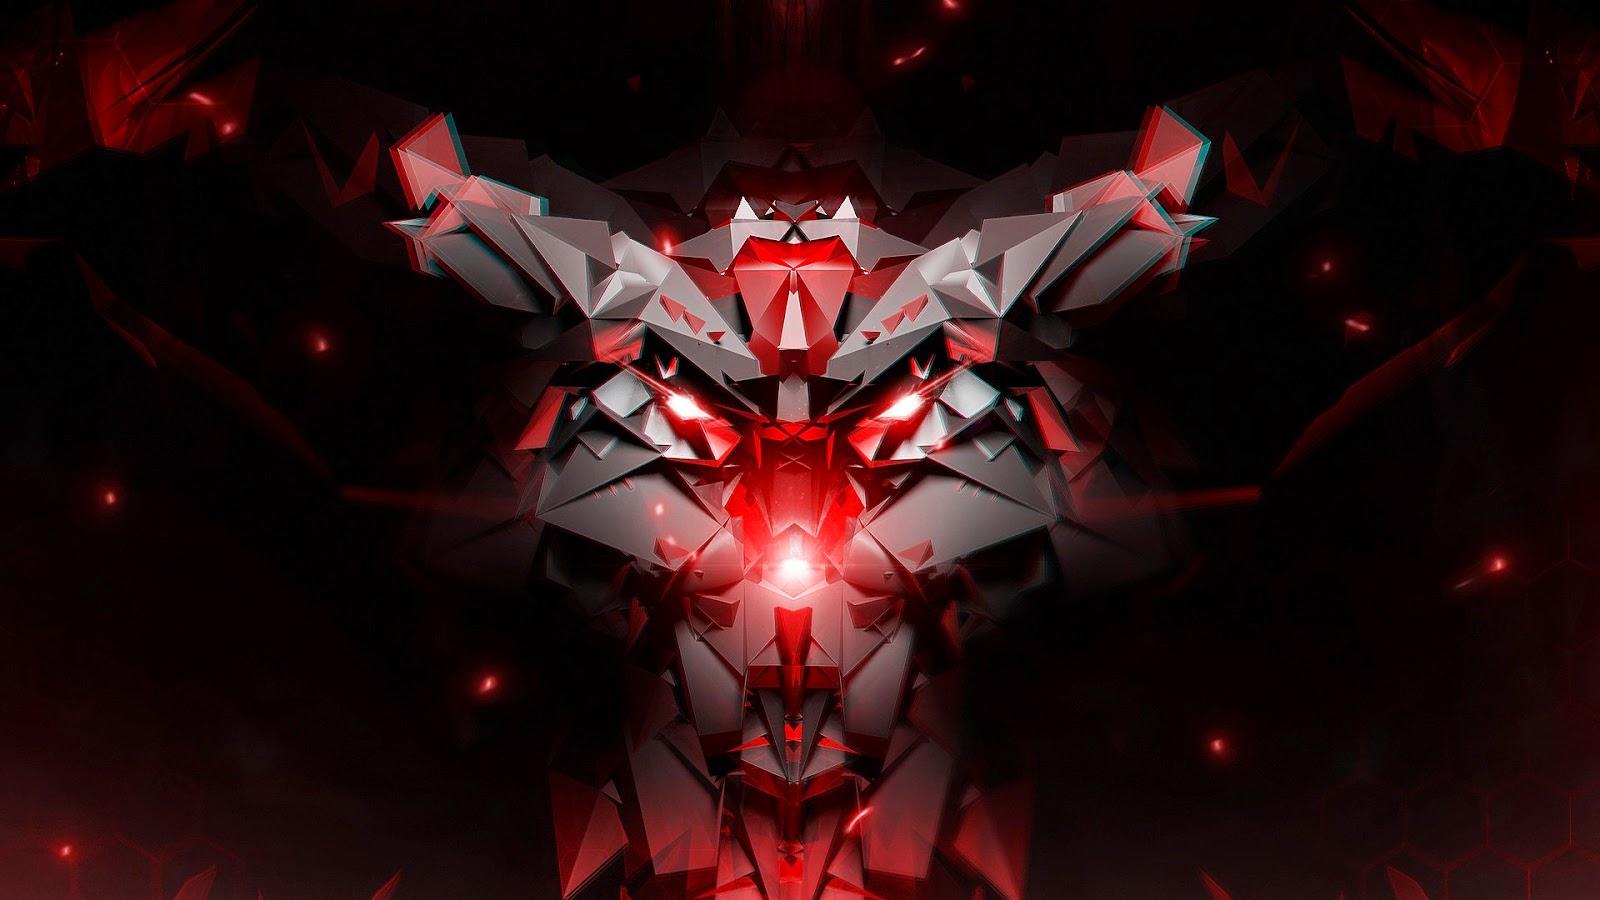 Origami Heart Attack